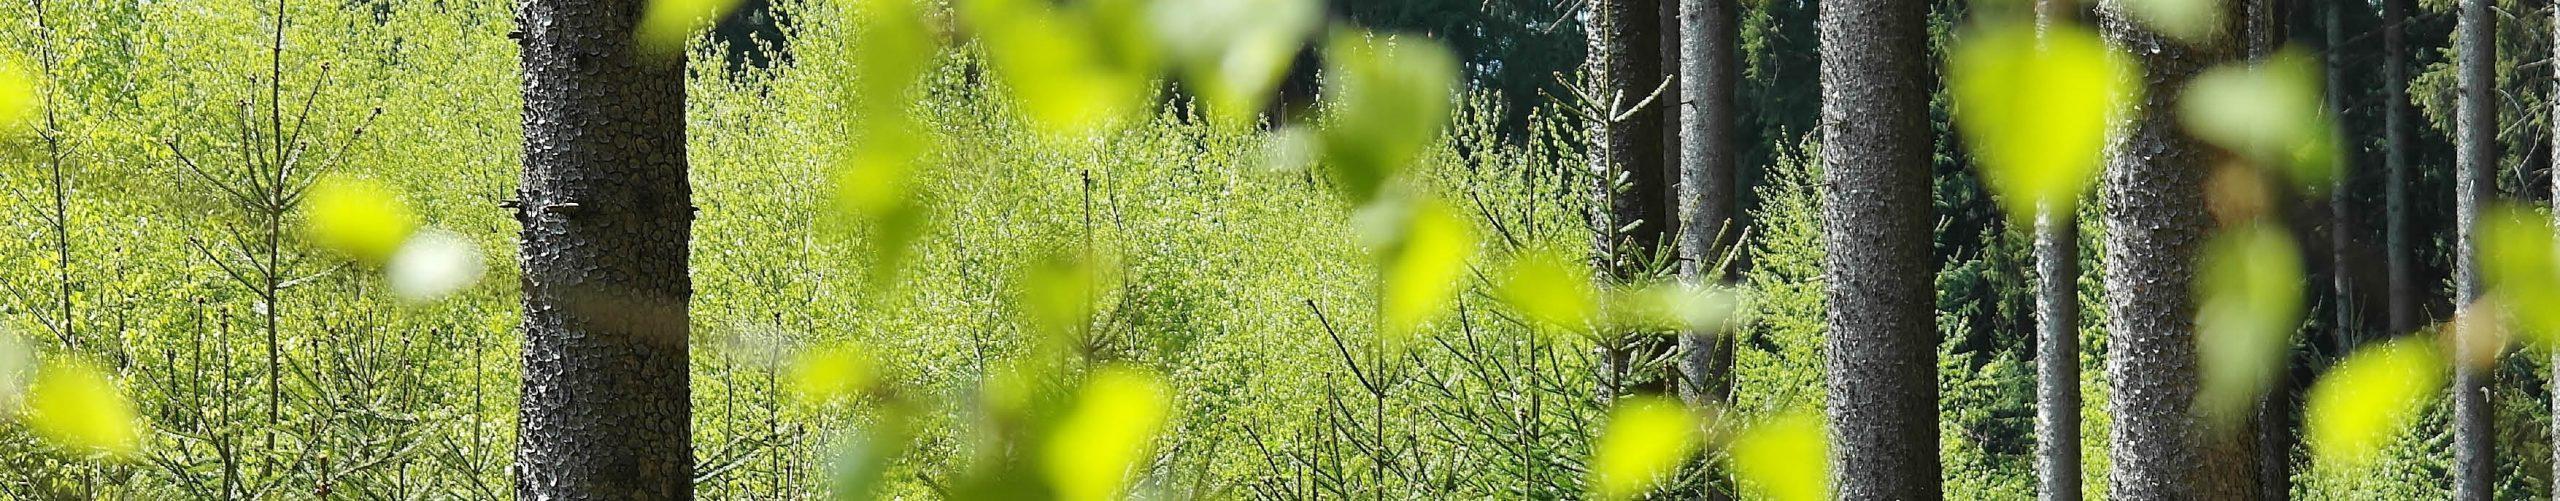 Veranwortung Wald